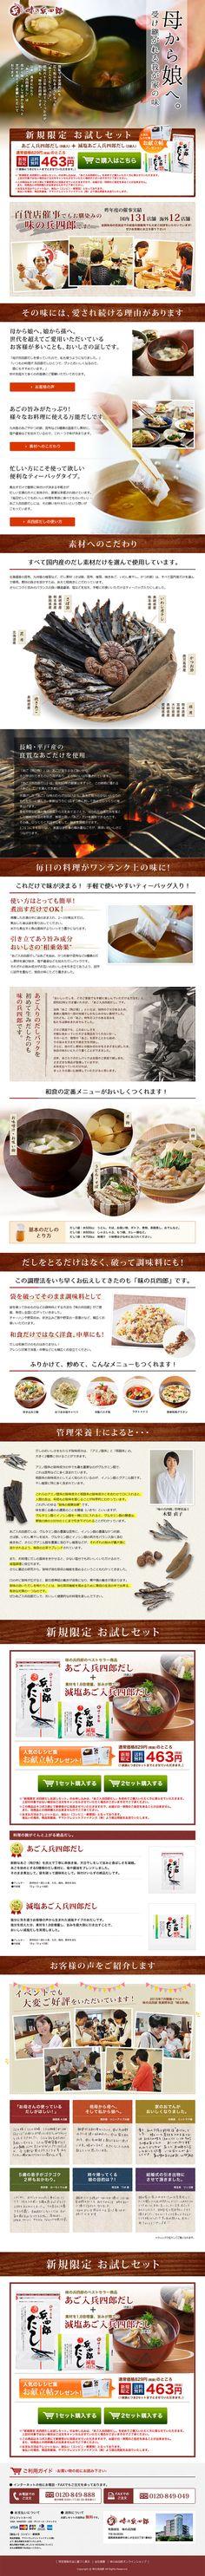 兵四郎だし【食品関連】のLPデザイン。WEBデザイナーさん必見!ランディングページのデザイン参考に(信頼・安心系)